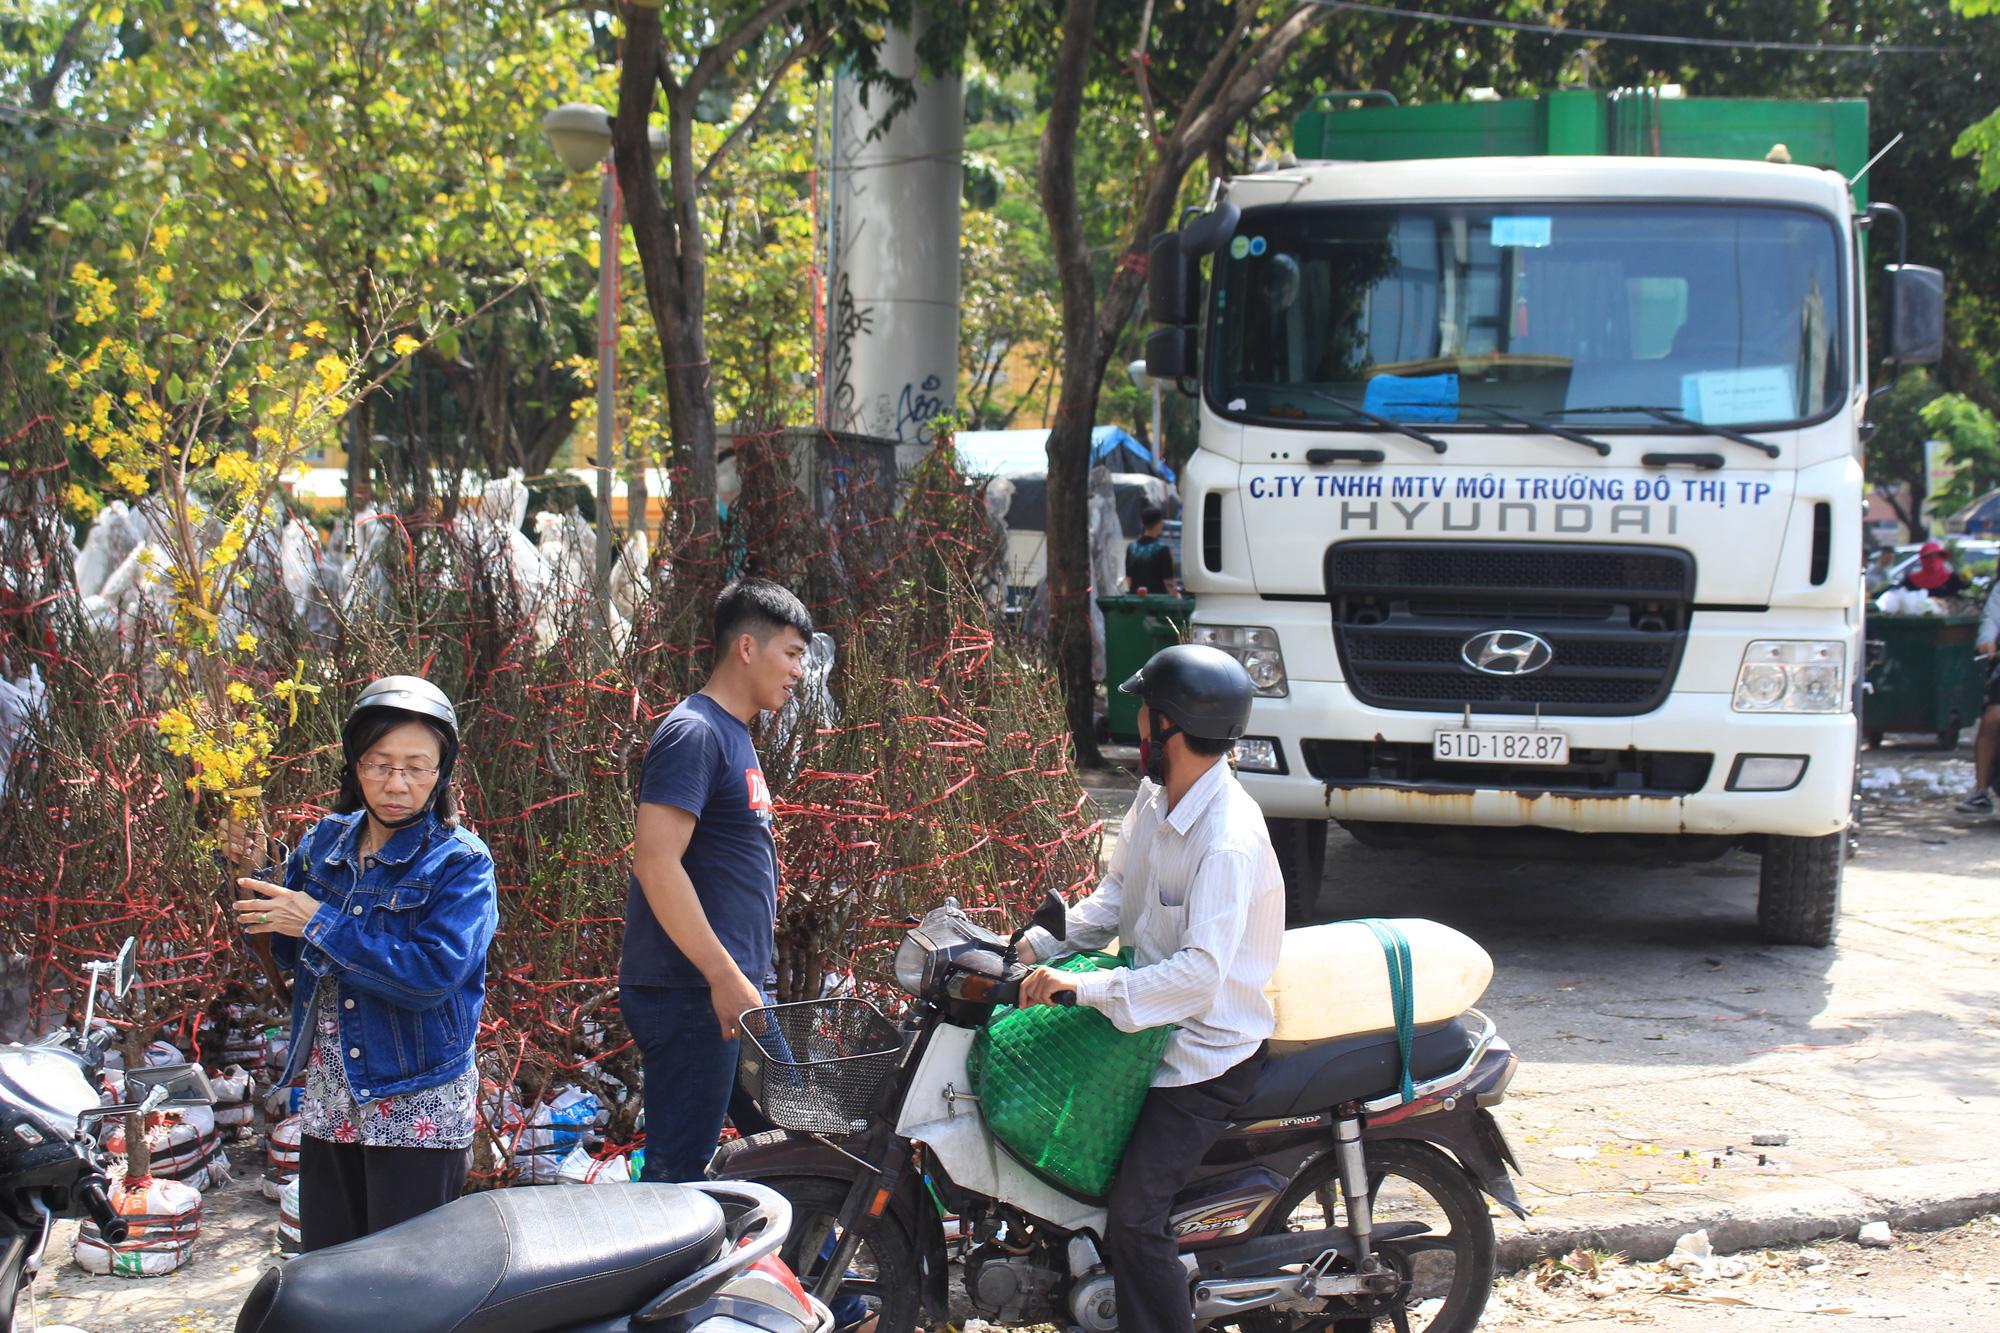 Trưa 30 Tết, mai, đào, hướng dương bán rẻ như cho 50.000 đồng một cây ở chợ hoa Sài Gòn - Ảnh 15.